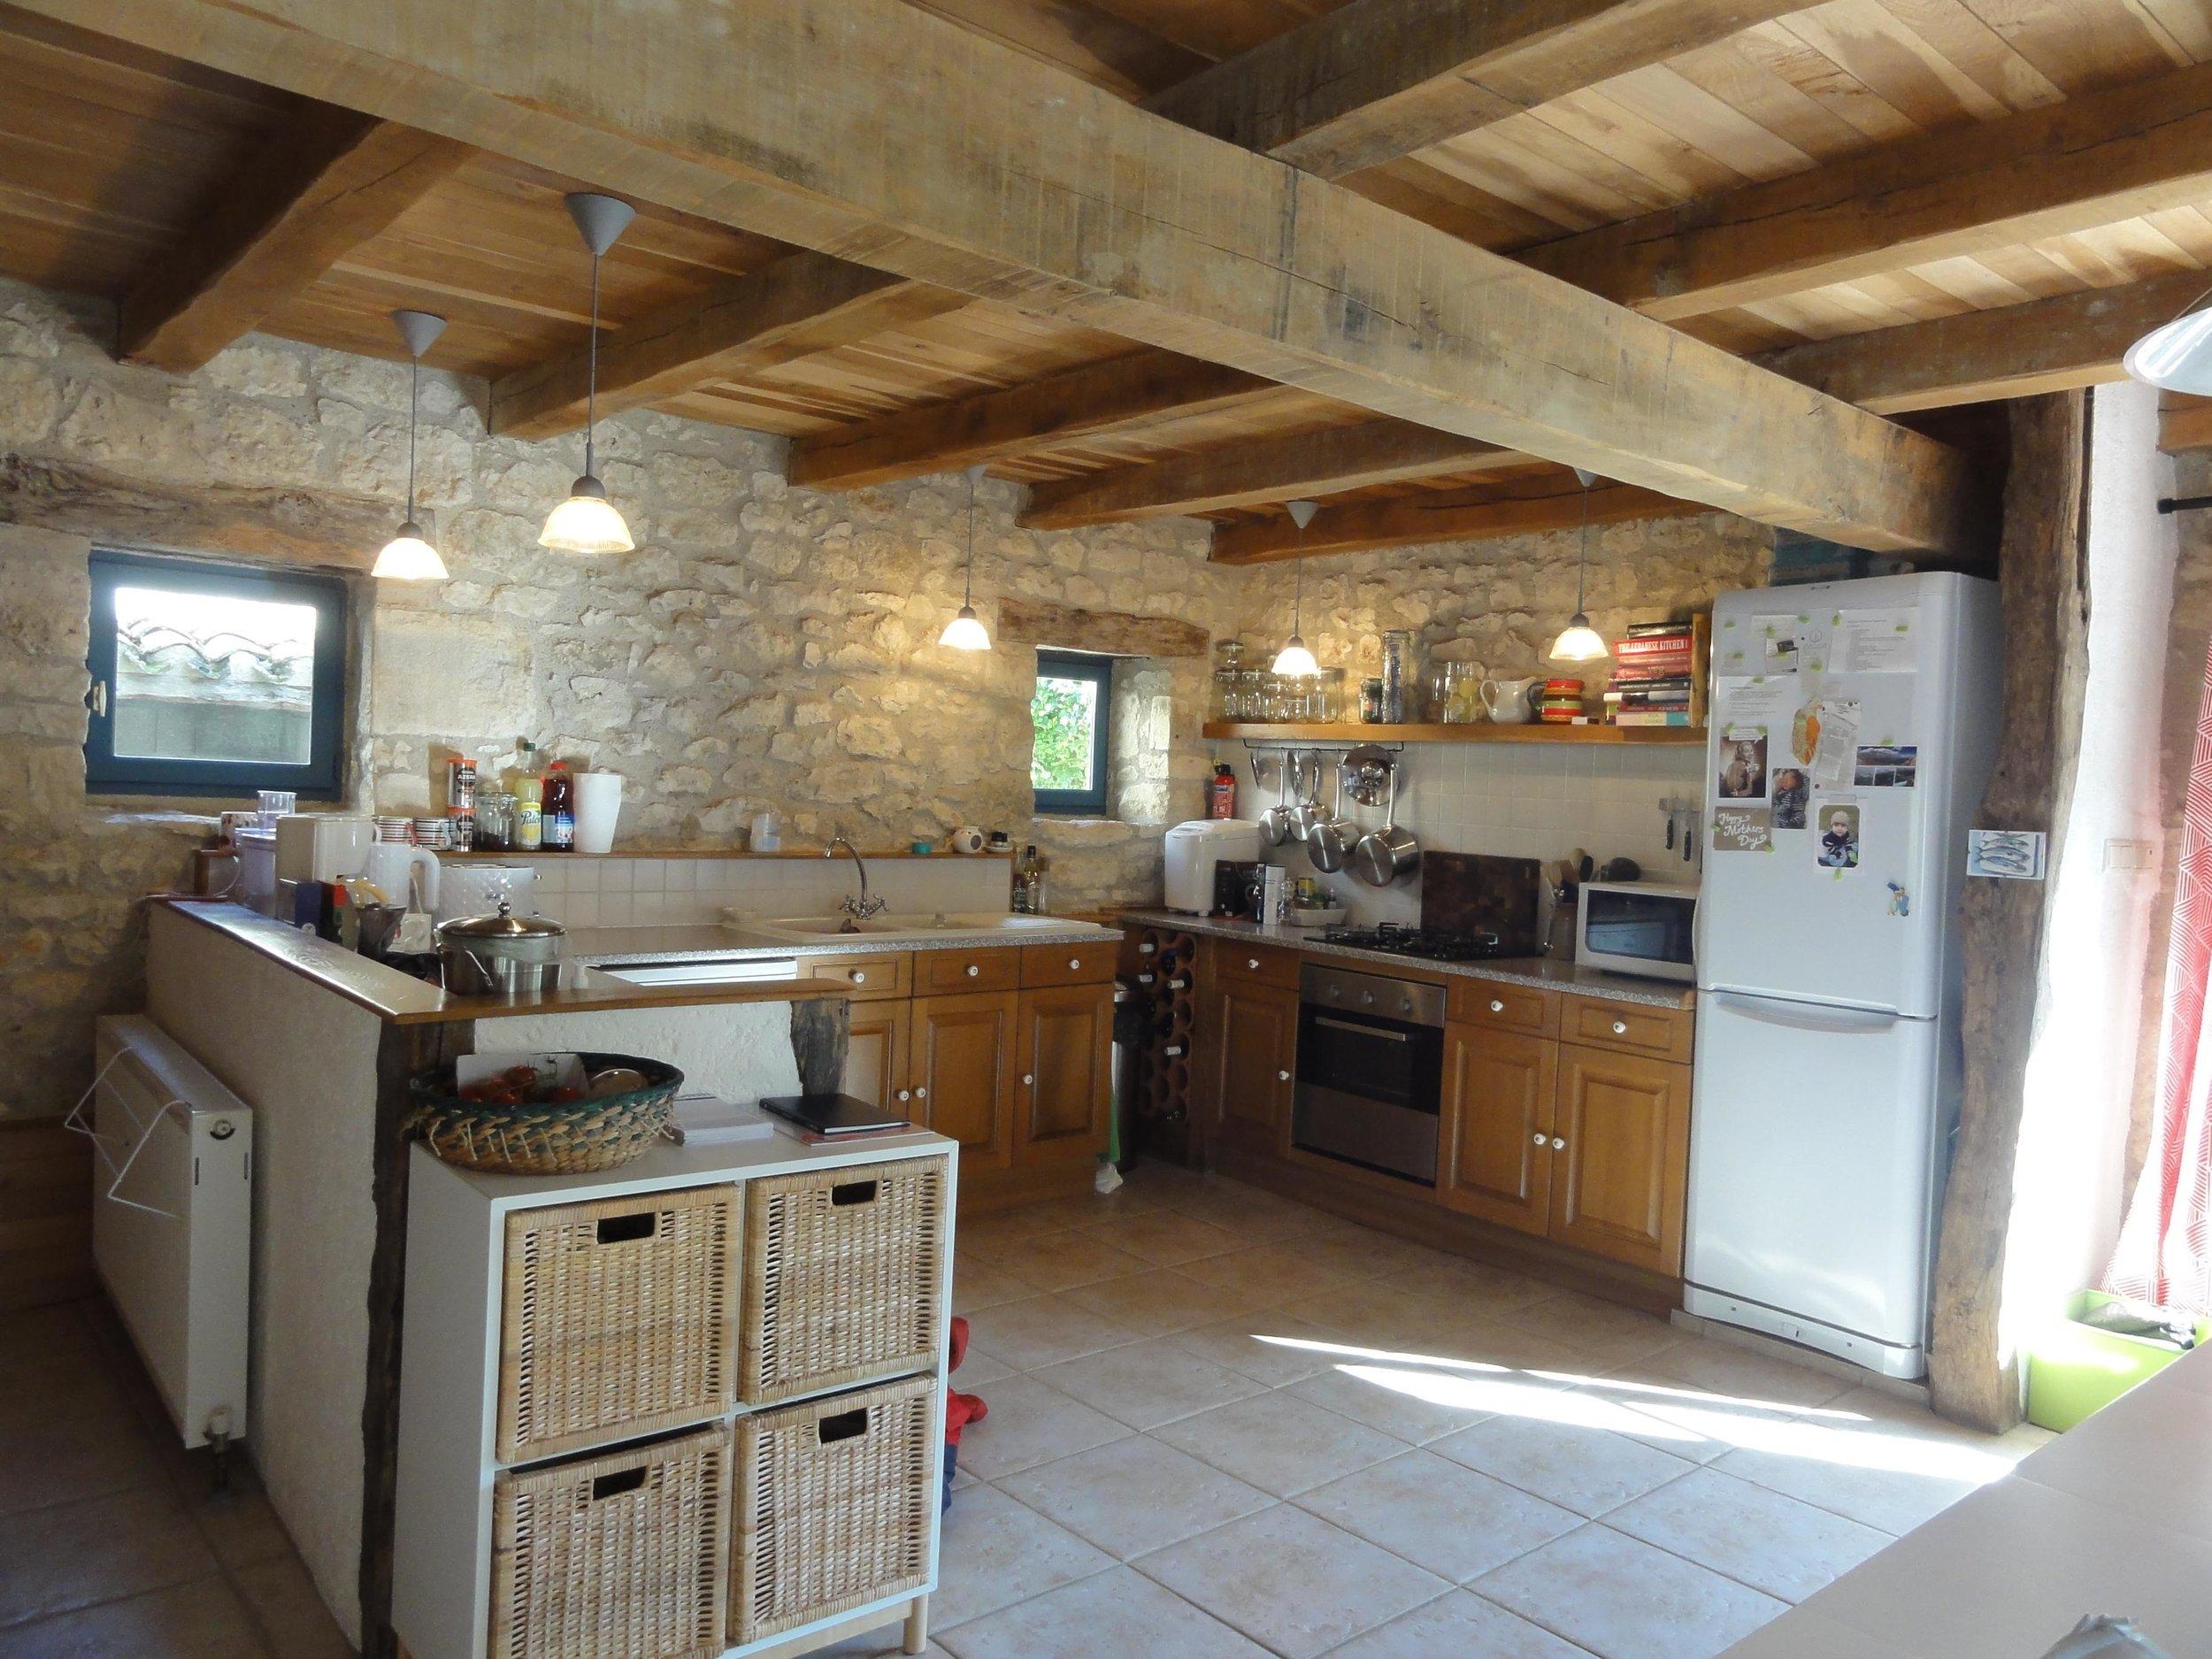 5 house kitchen.jpg